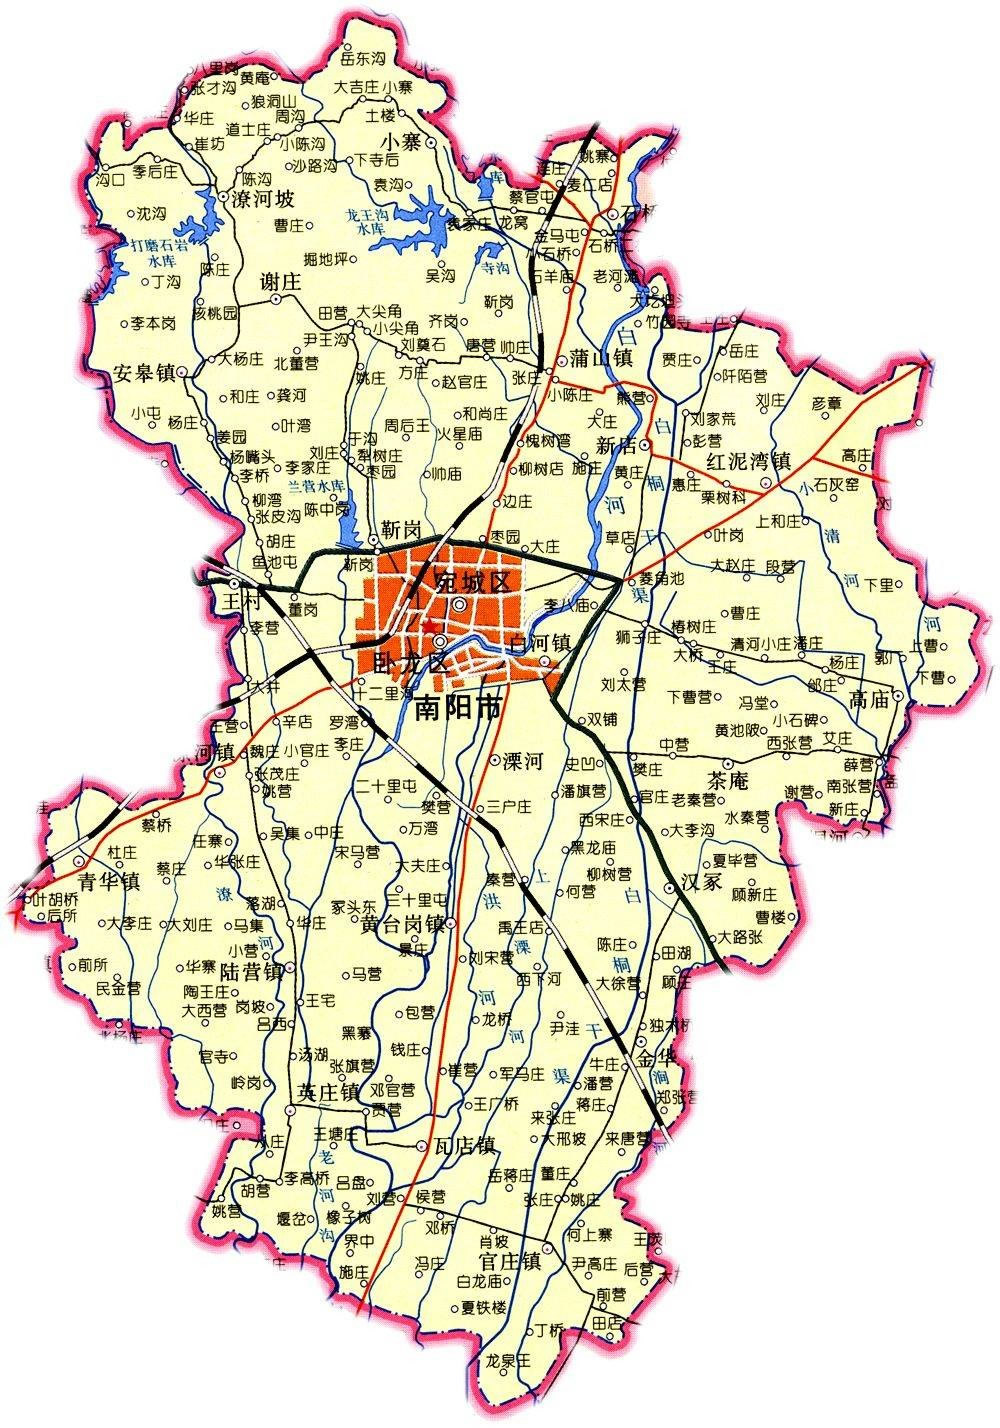 南阳市周边乡镇地图册 - 宛城区旅游局